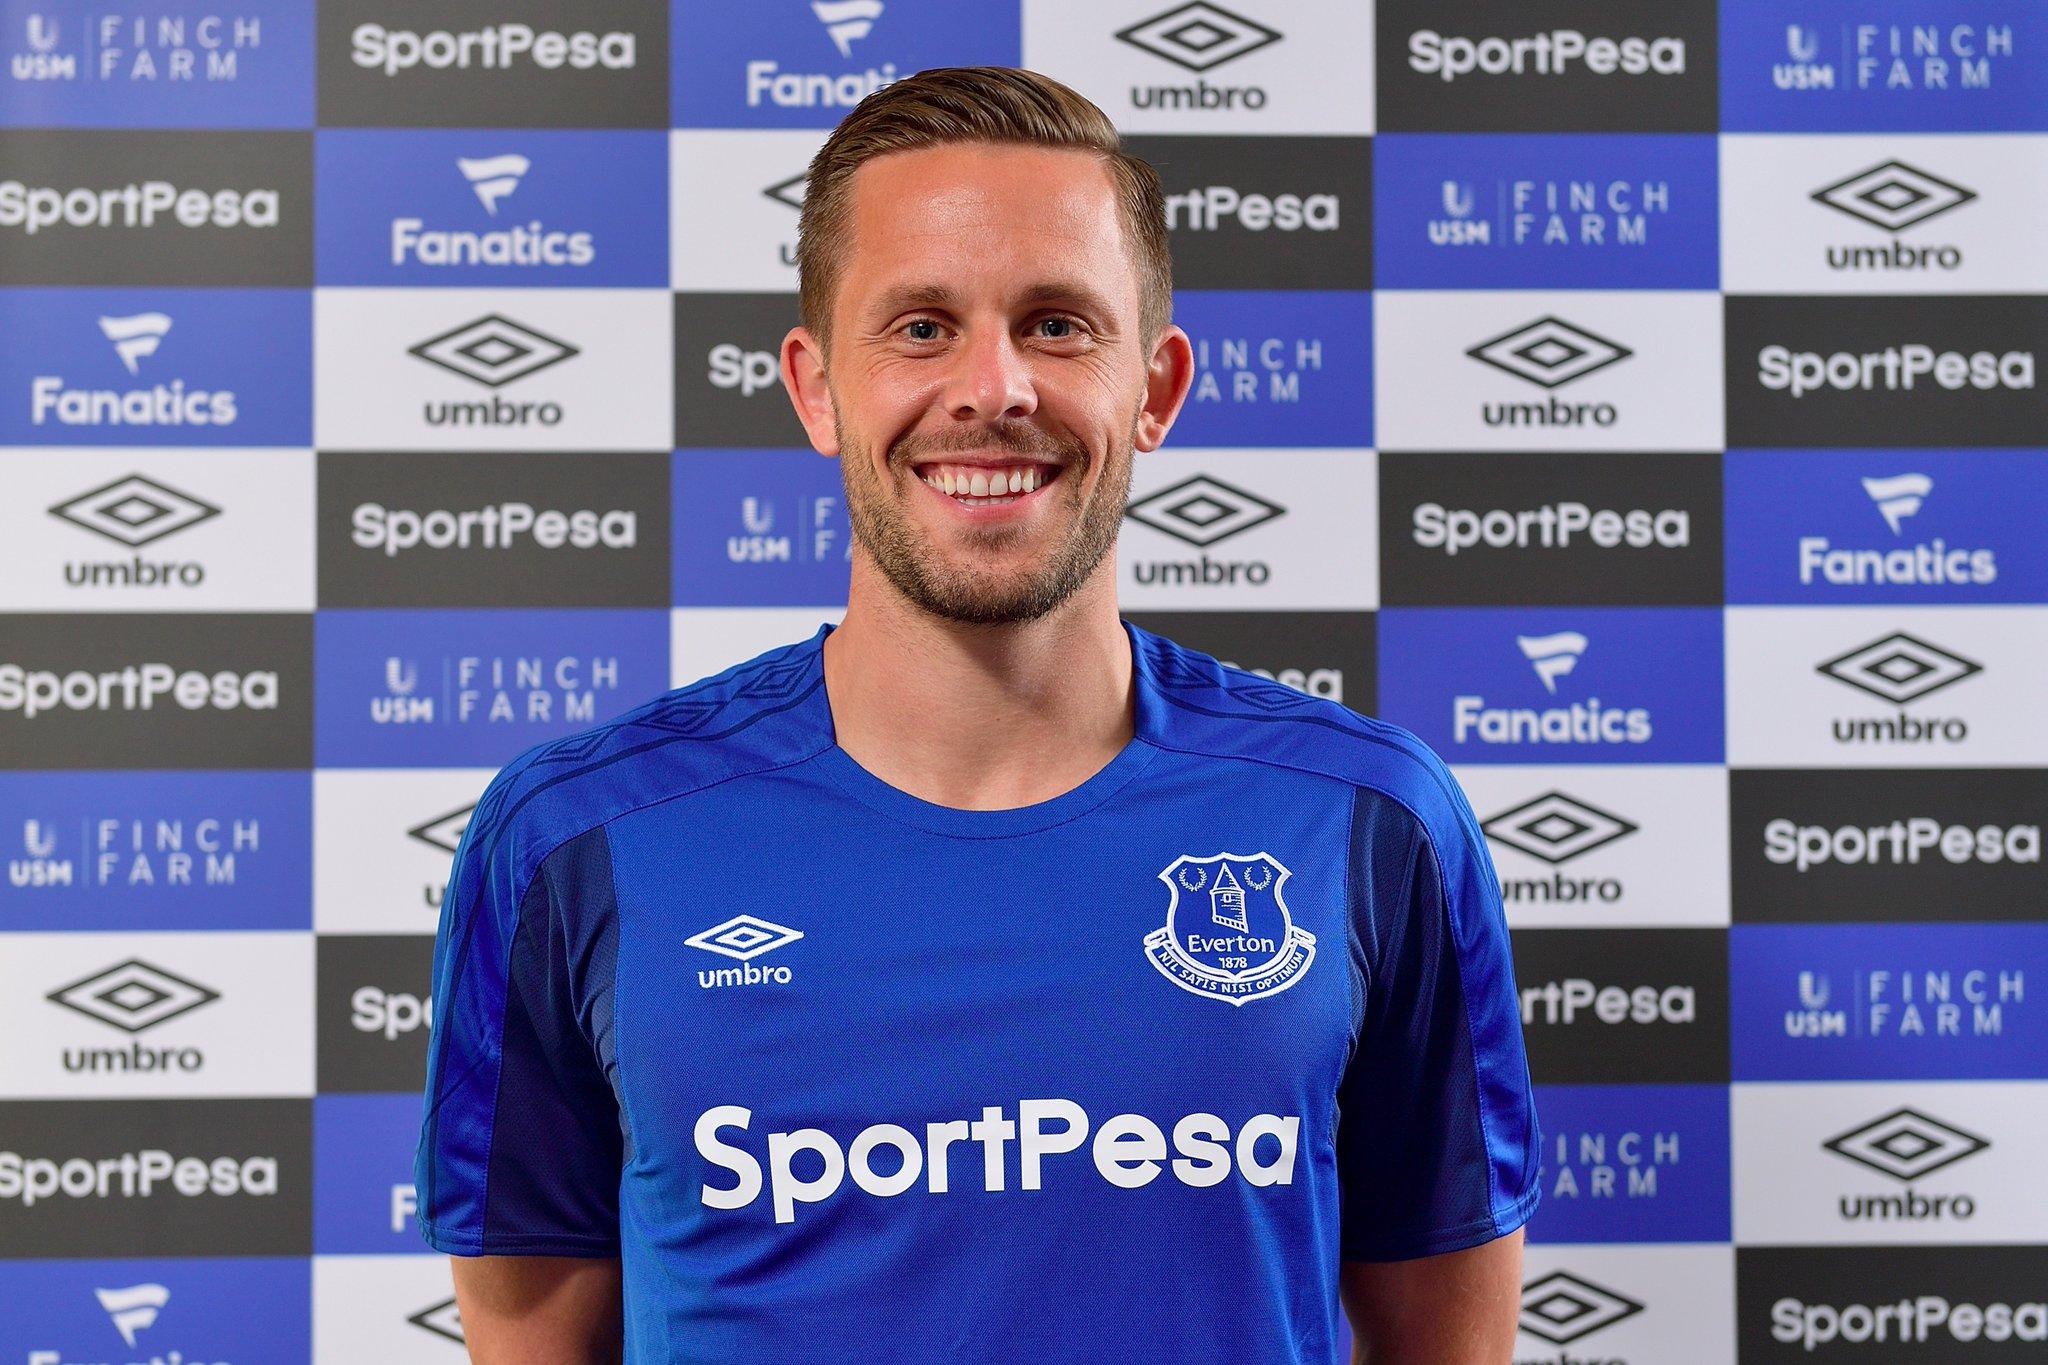 Sigurdsson Promises Goals, Assists After £45m Everton Move